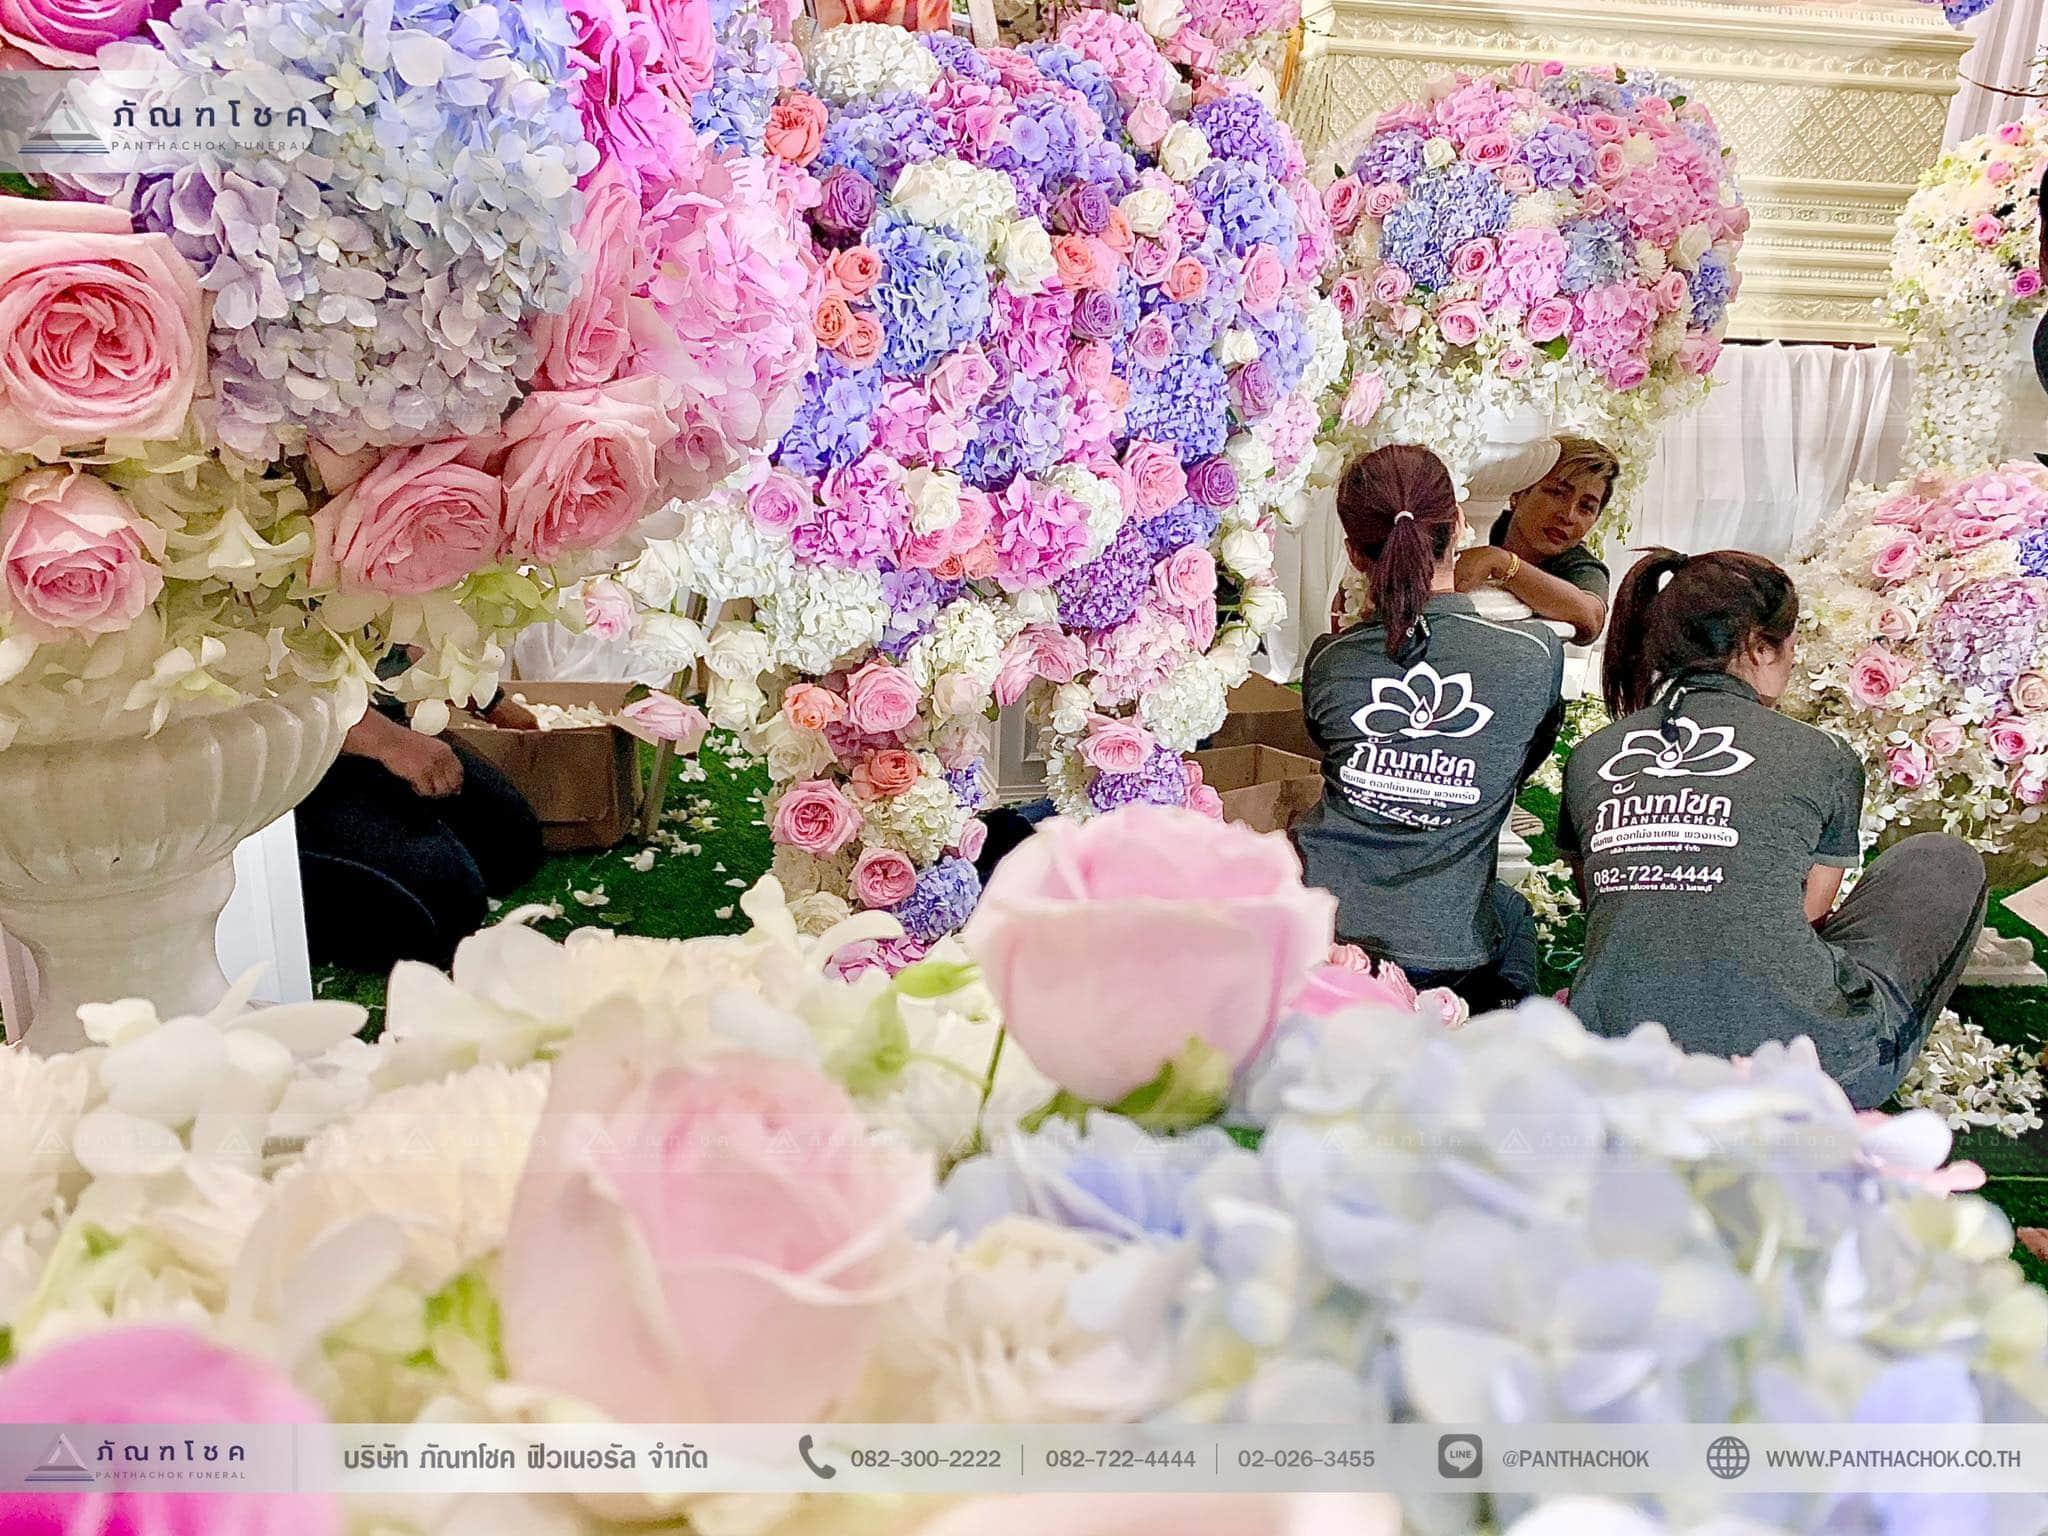 ชุดดอกไม้ประดับหน้าหีบ สไตล์ผู้ดีอังกฤษจิบชายามบ่าย (งานศพคุณแม่ของคุณอ๊อฟ ปองศักดิ์) 10